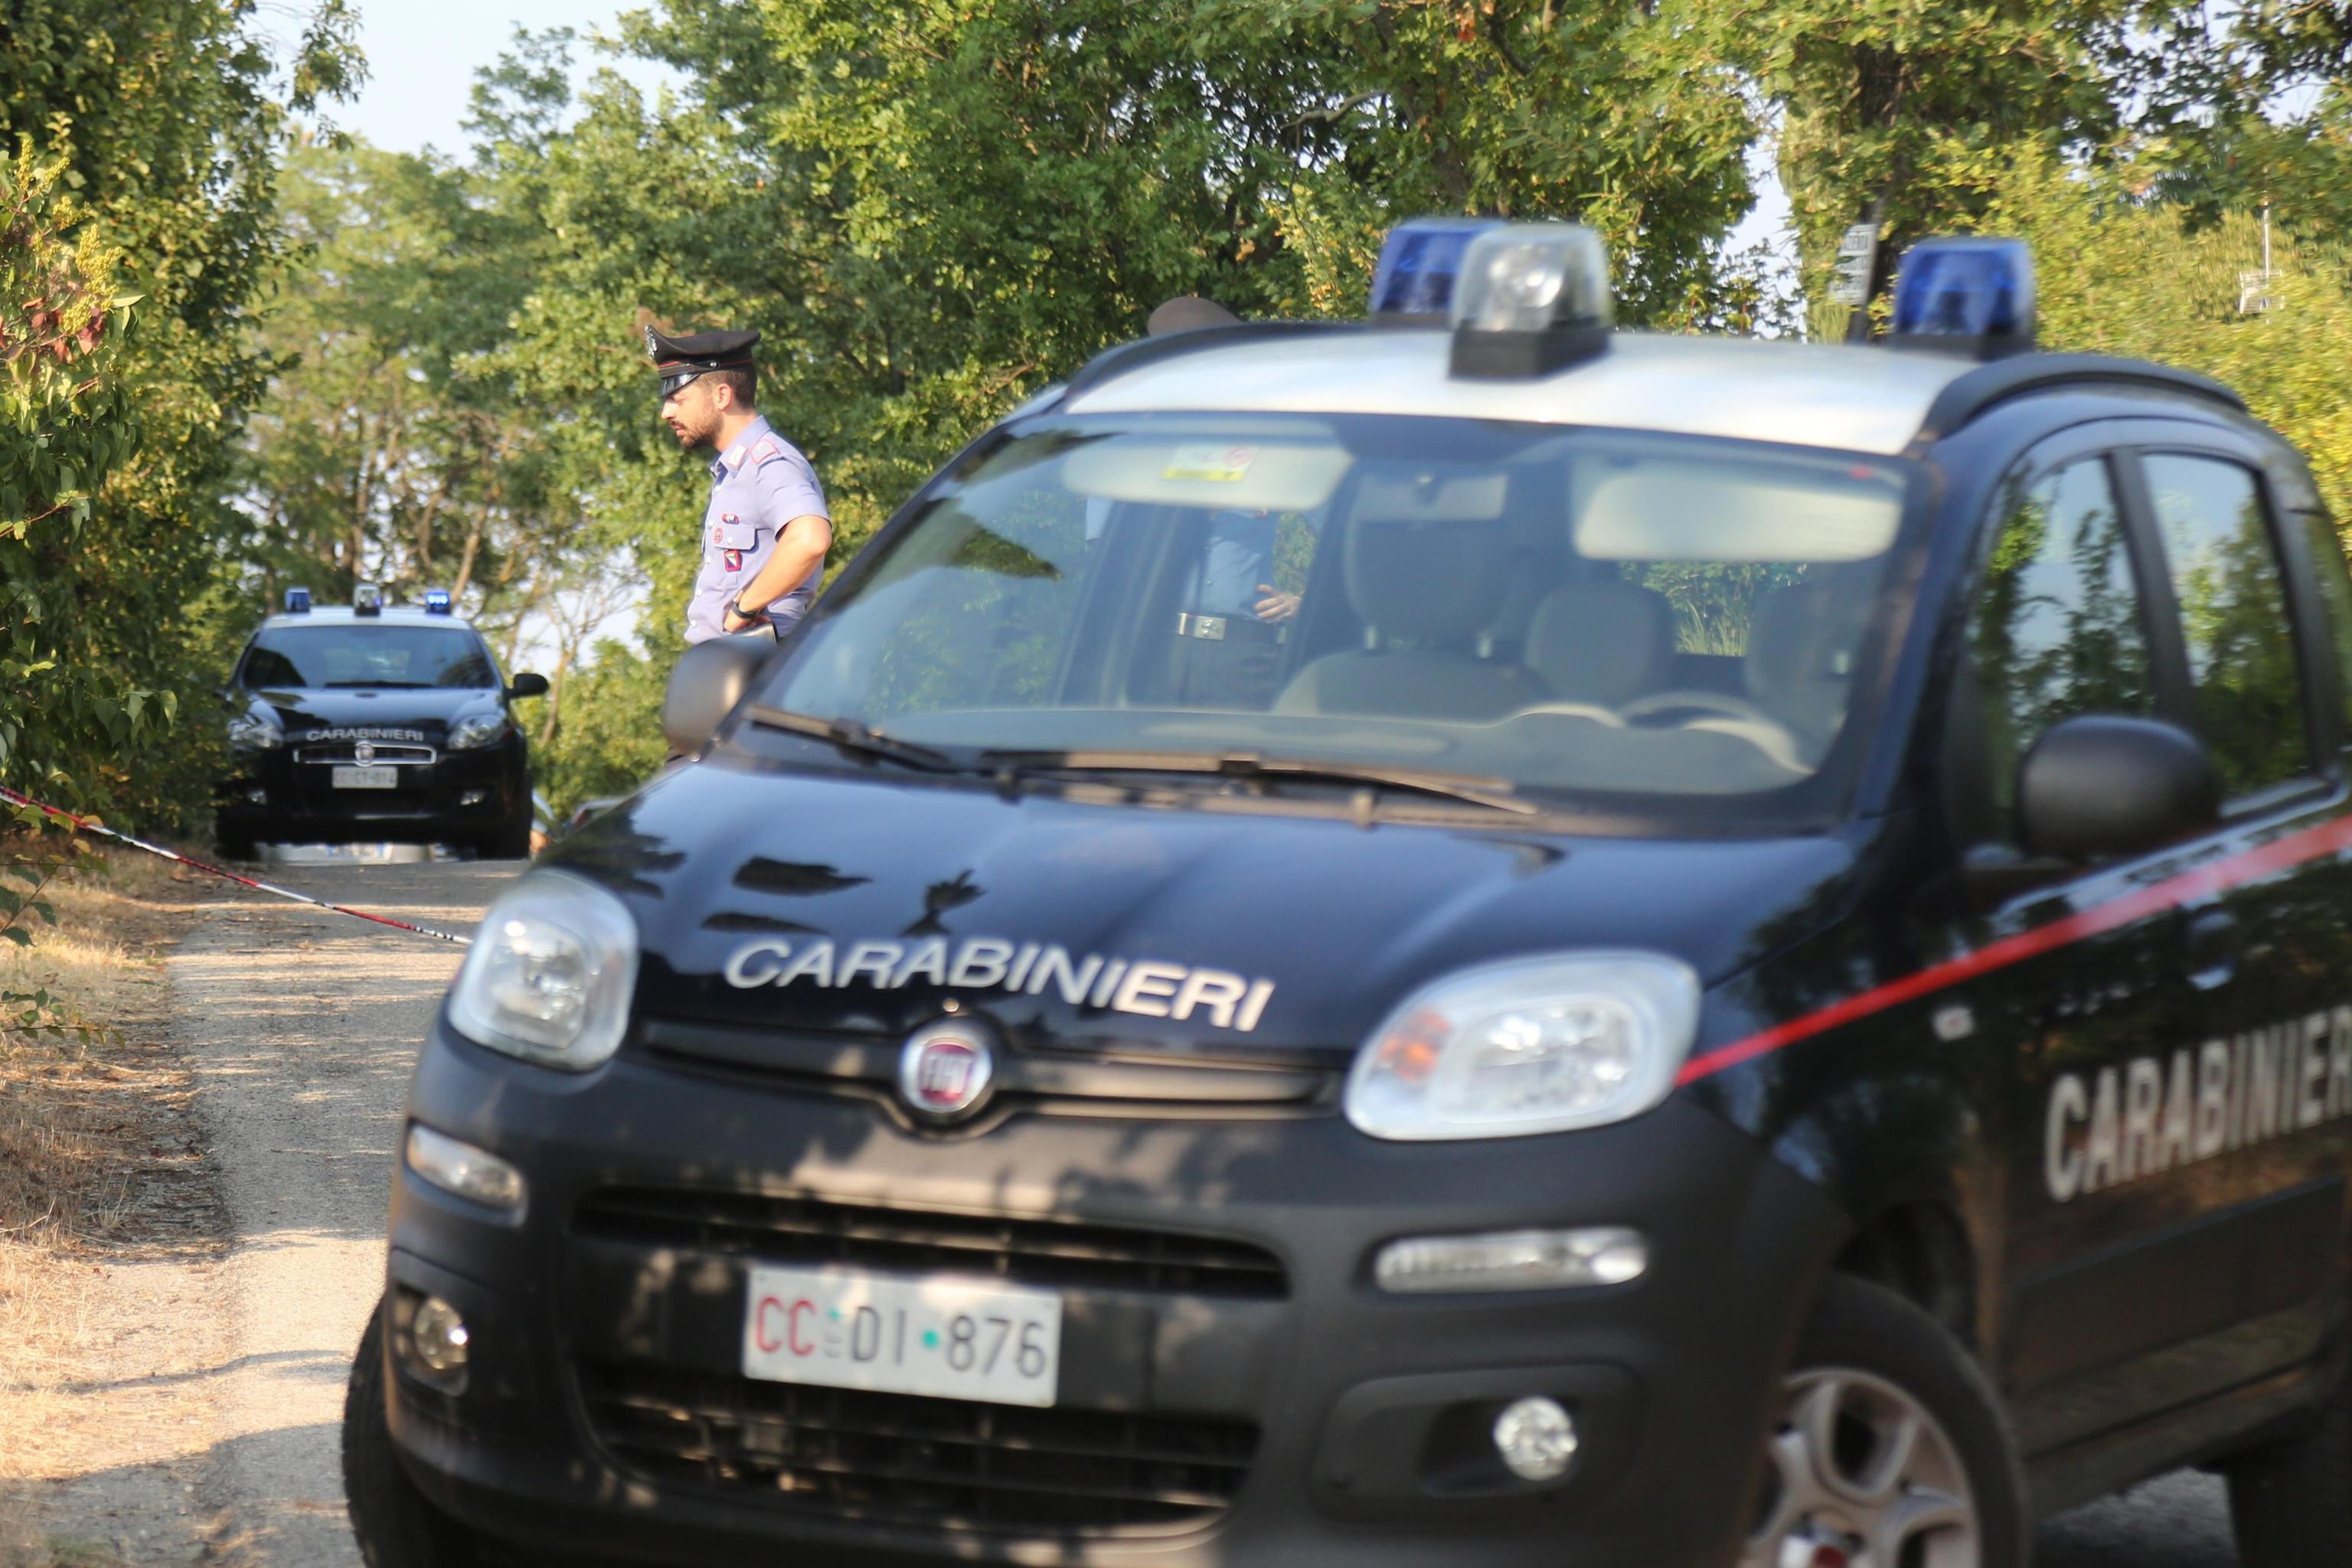 Orrore a Pavia, donna scomparsa ritrovata strangolata in un silos: confessa il figlio